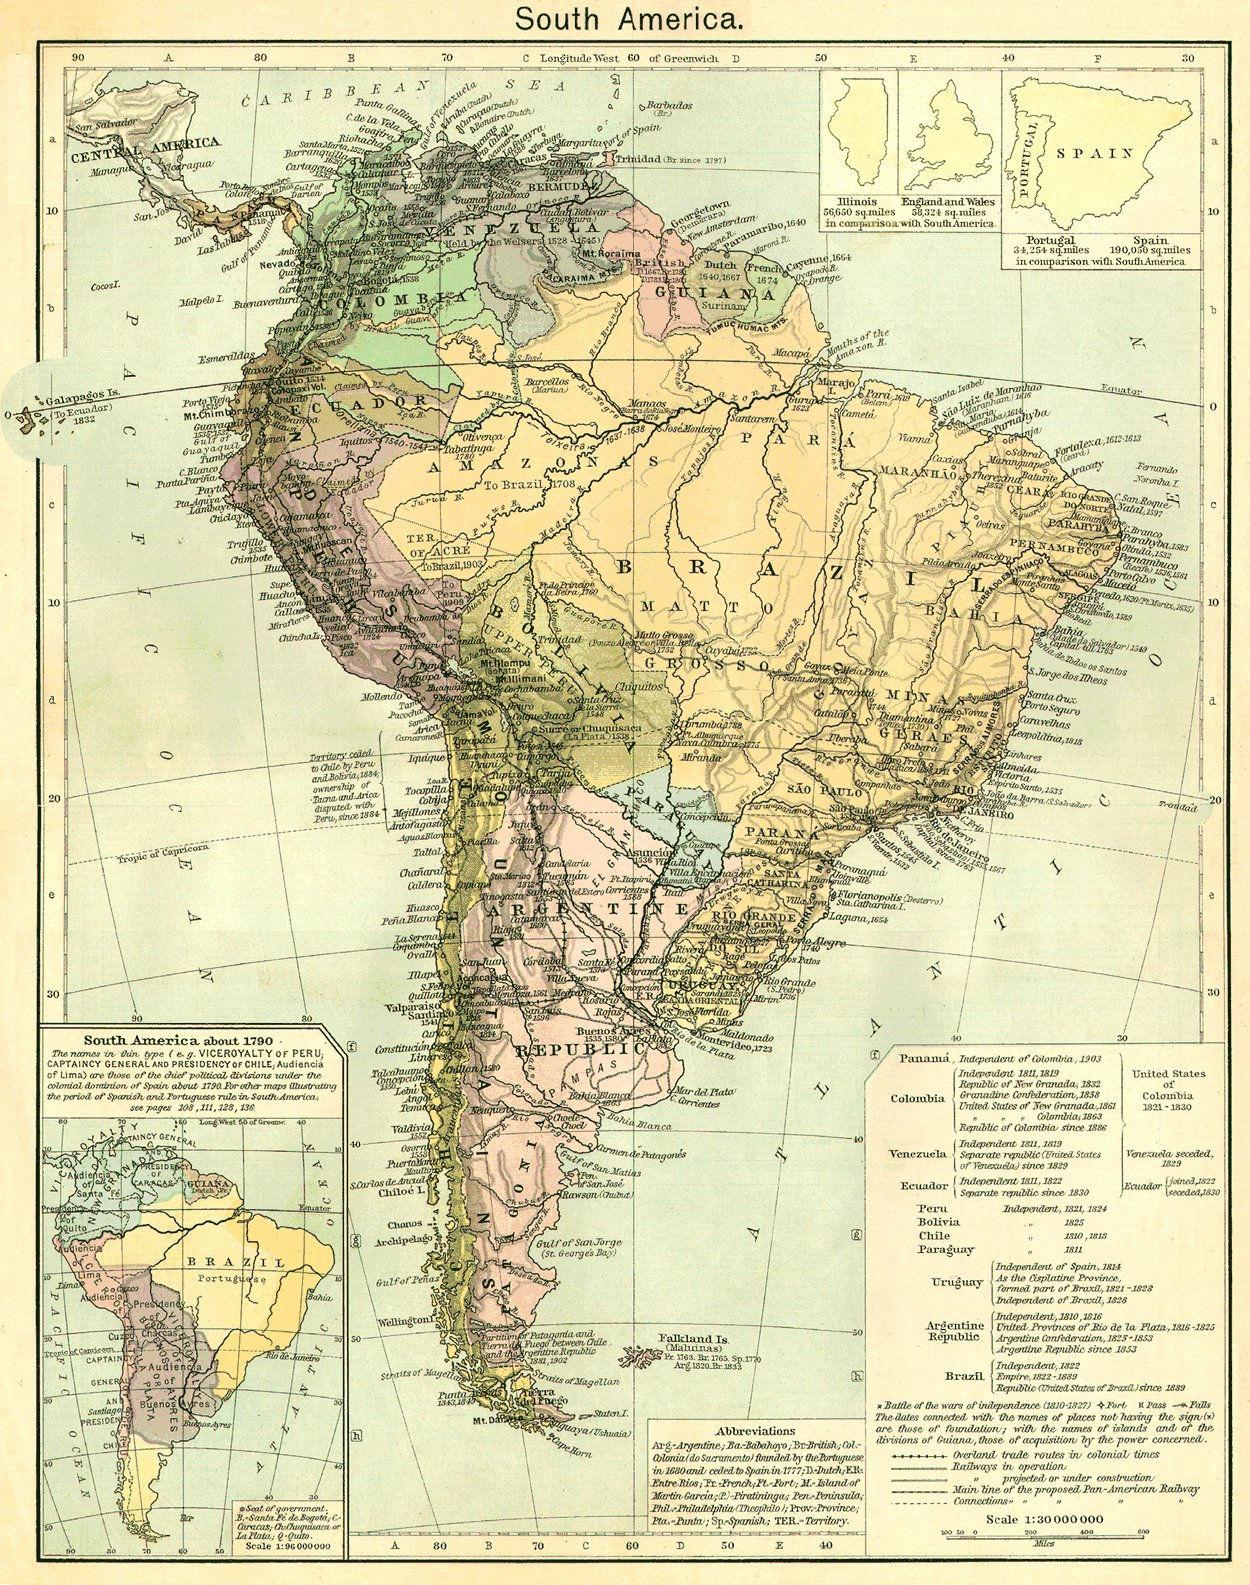 Mapa de América del Sur del siglo XIX